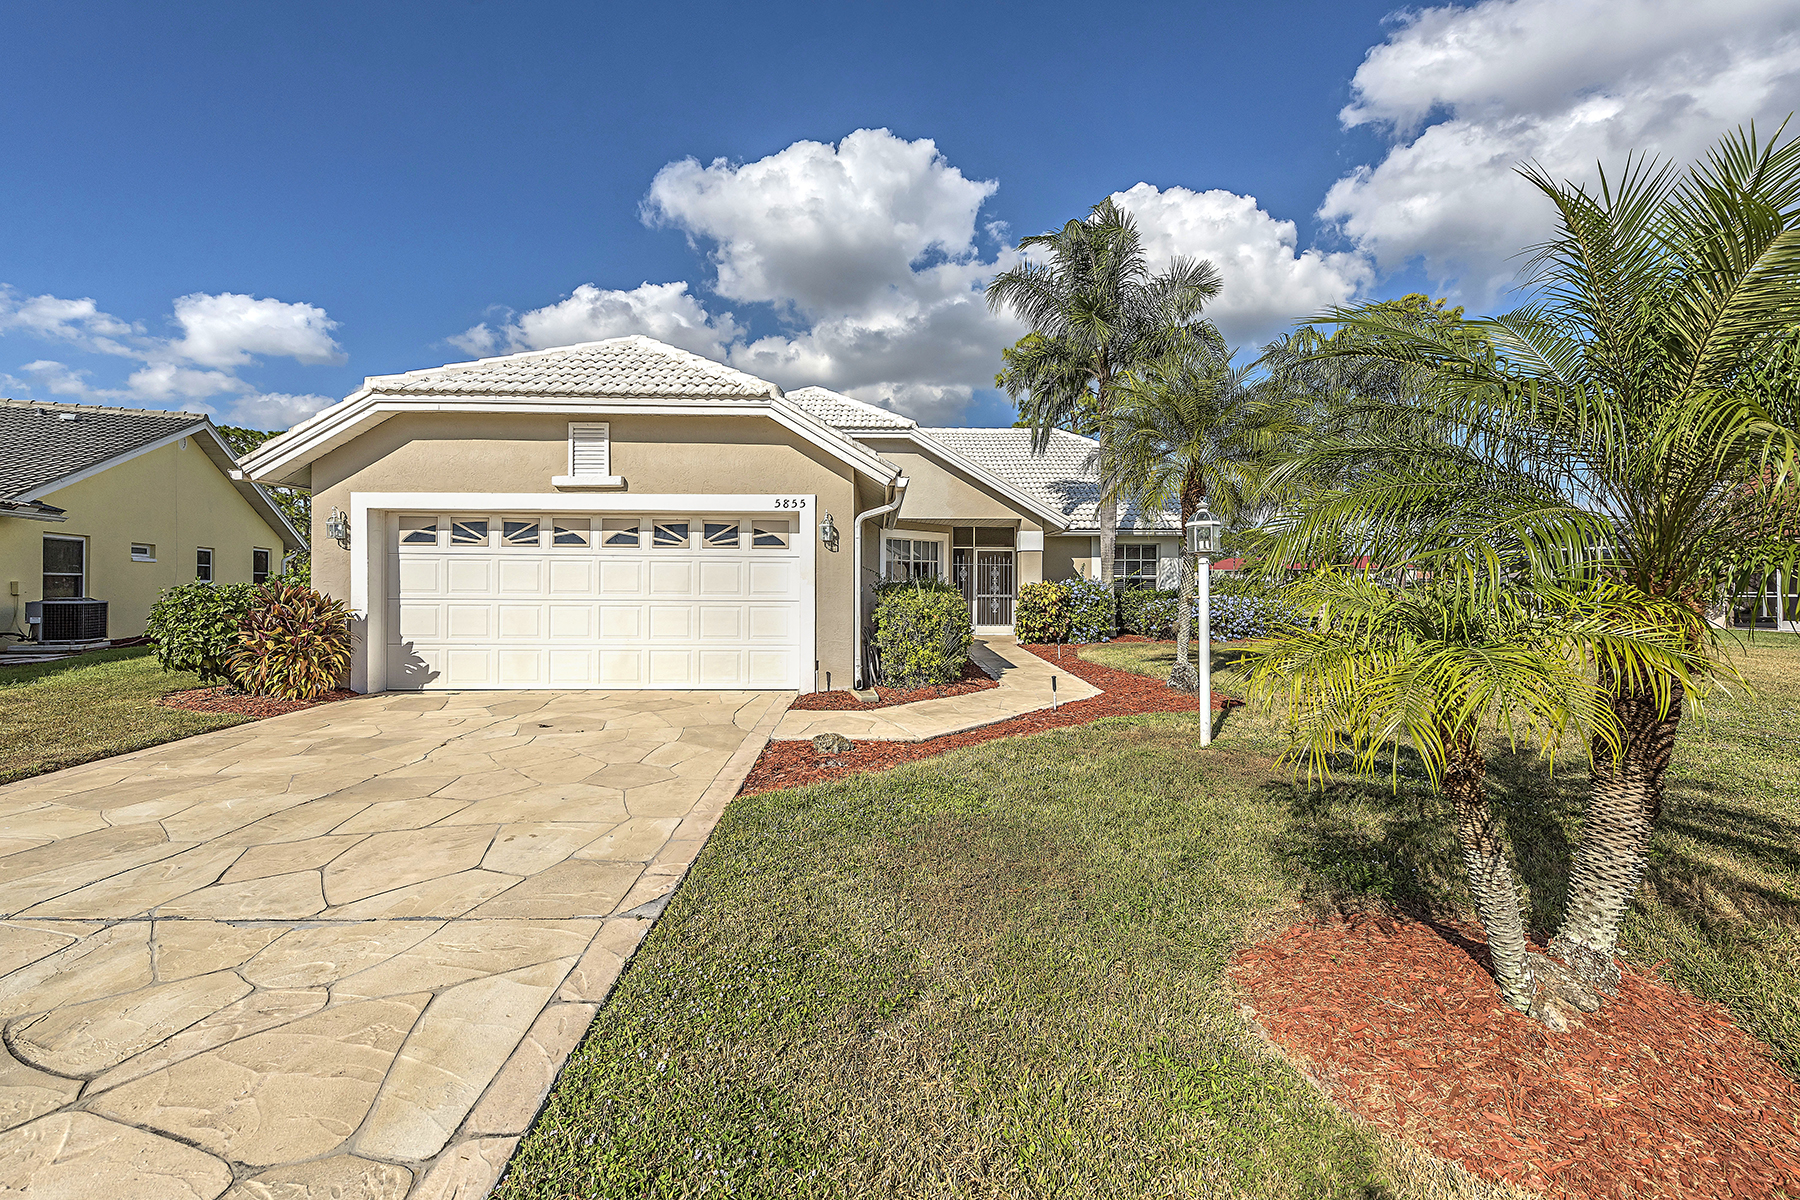 Maison unifamiliale pour l Vente à NAPLES 5855 Westbourgh Ct Naples, Florida, 34112 États-Unis